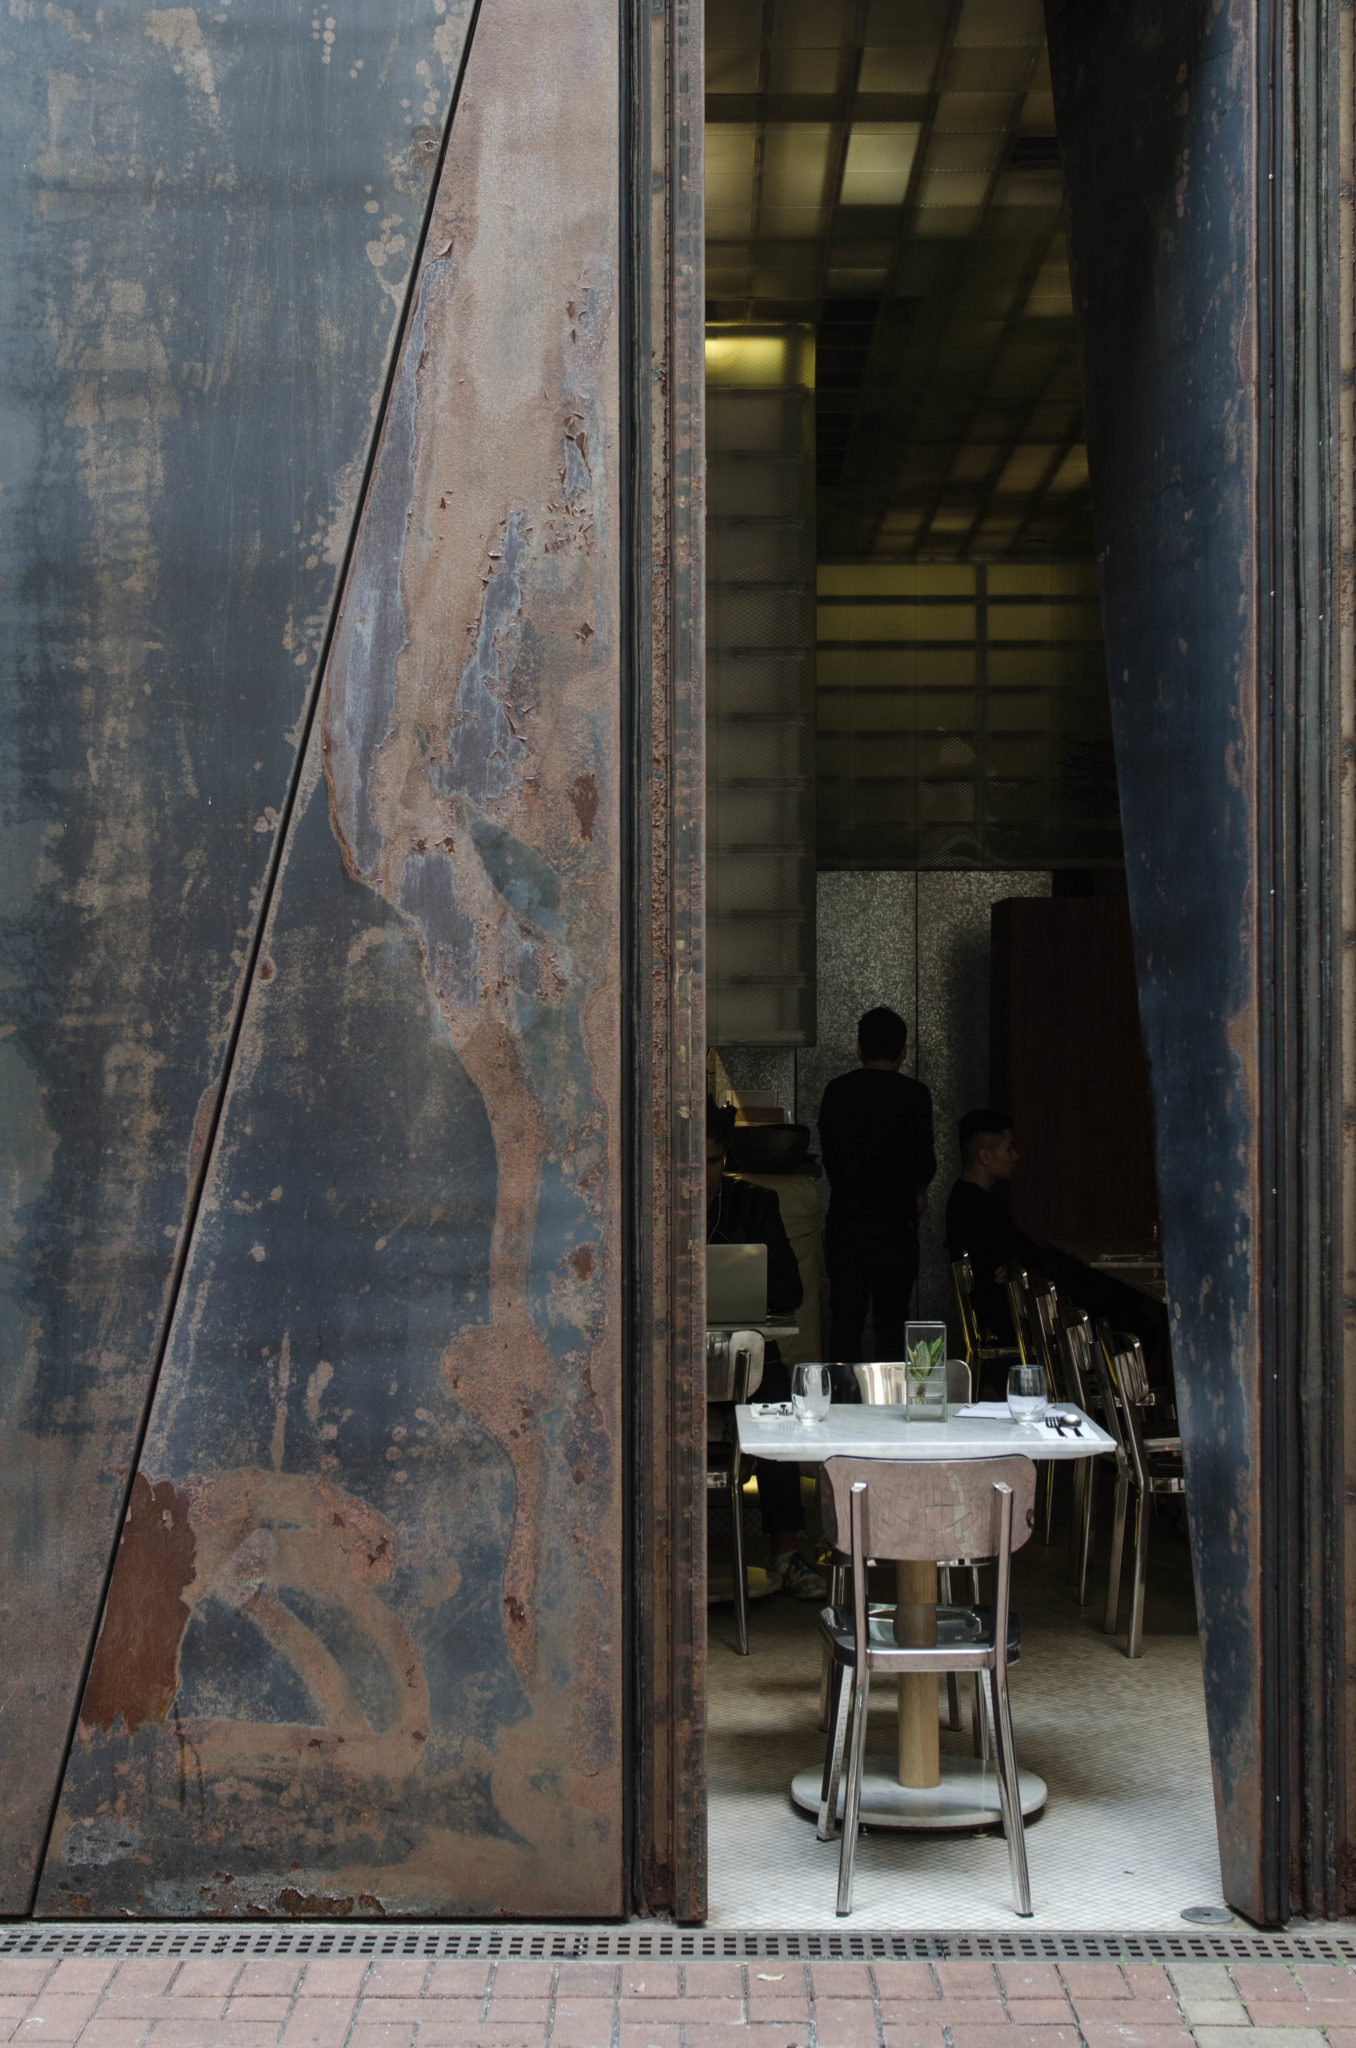 Das Restaurant des Hotes sieht von außen so aus